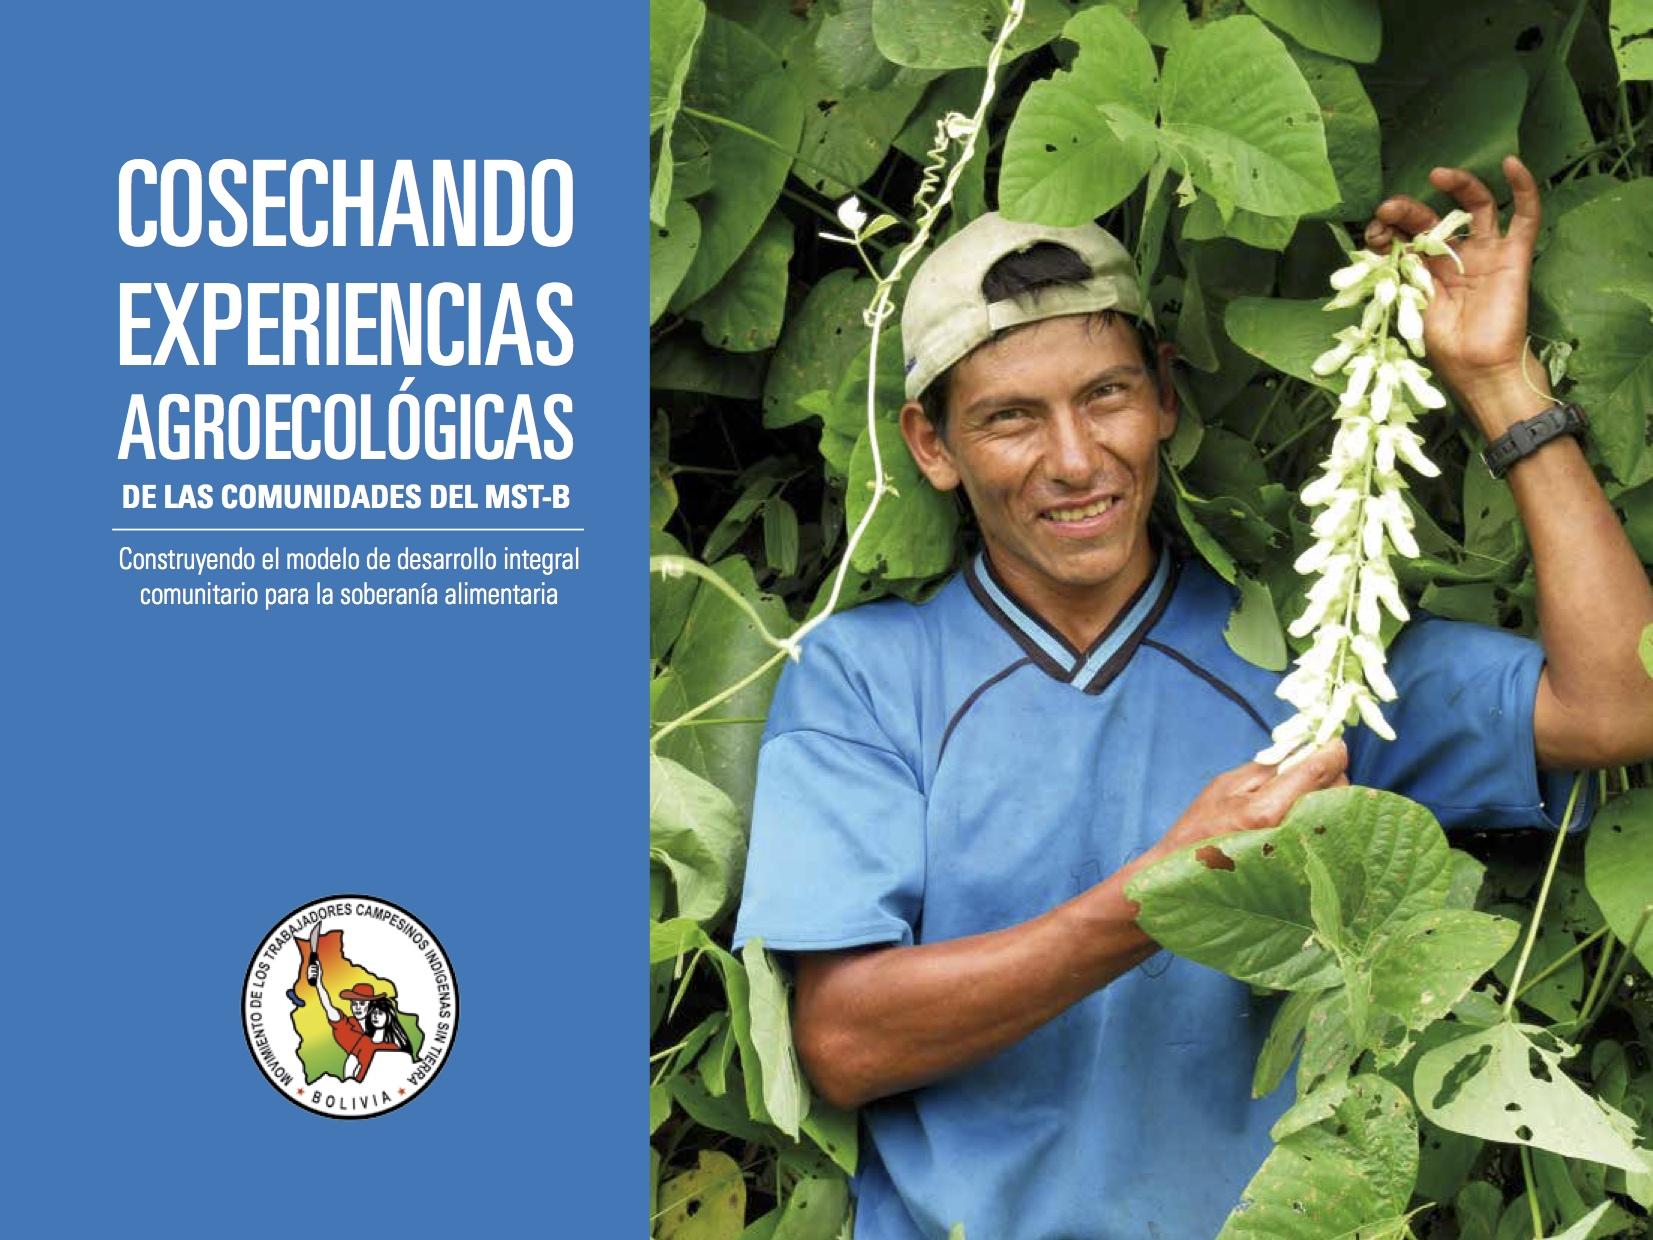 Cosechando experiencias agroecológicas de las comunidades del MST-Bolivia: construyendo el modelo de desarrollo integral comunitario para la soberanía alimentaria Image principale